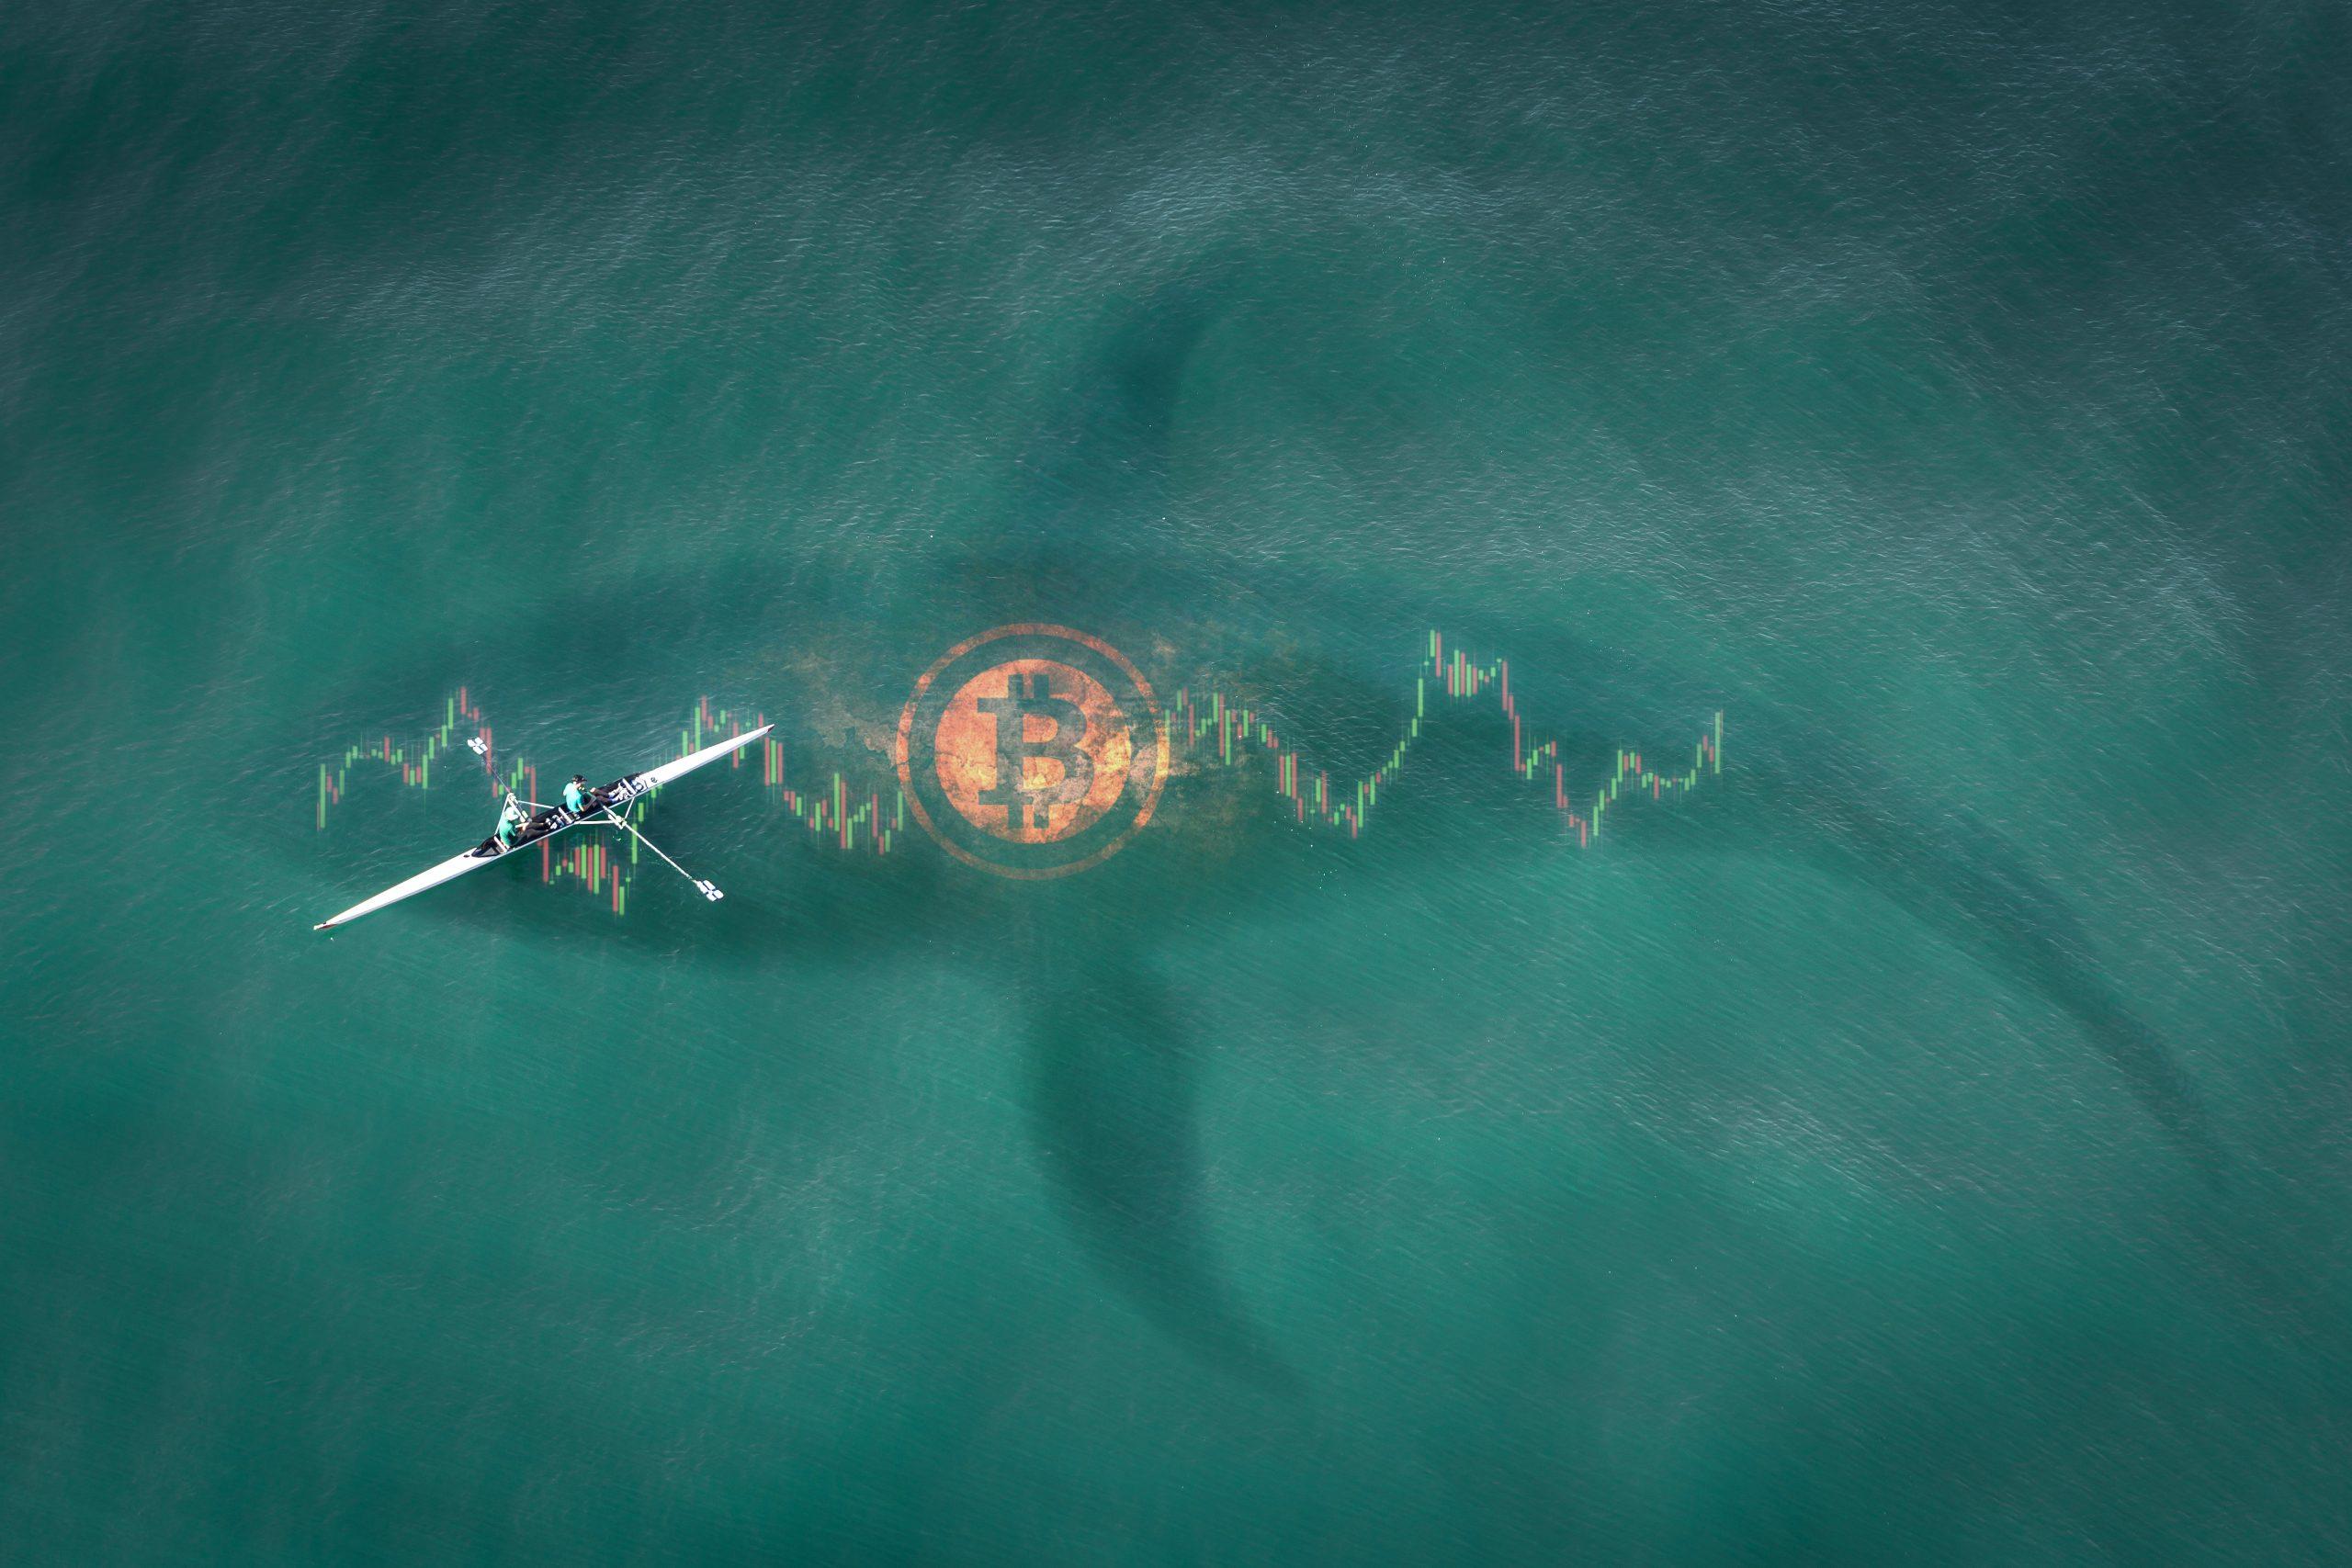 18.000 Bitcoin: Anonyme BTC-Wale decken sich massiv ein - BTC-ECHO | Bitcoin & Blockchain Pioneers